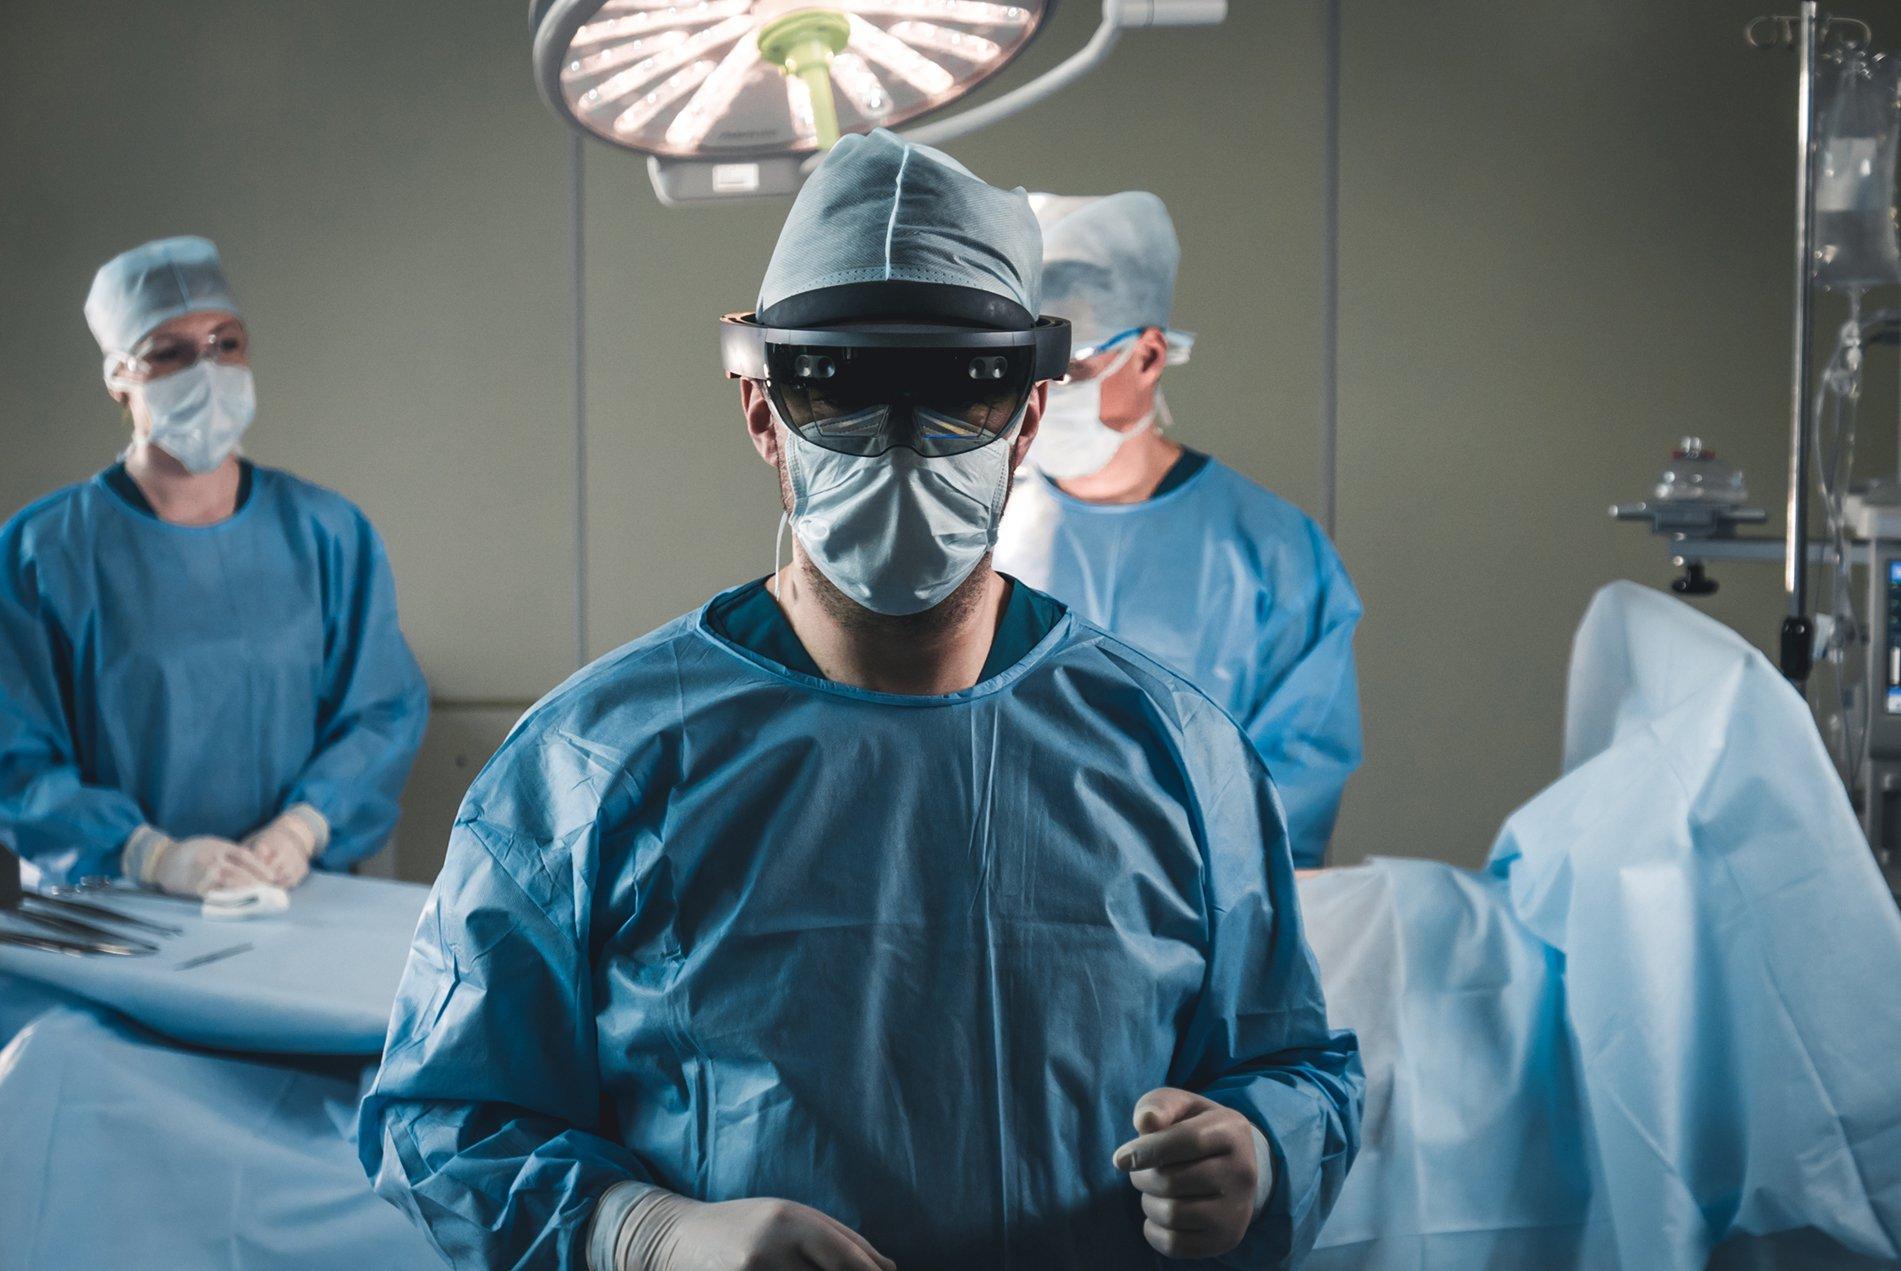 HoloLens, Remote Assist, Surgeon